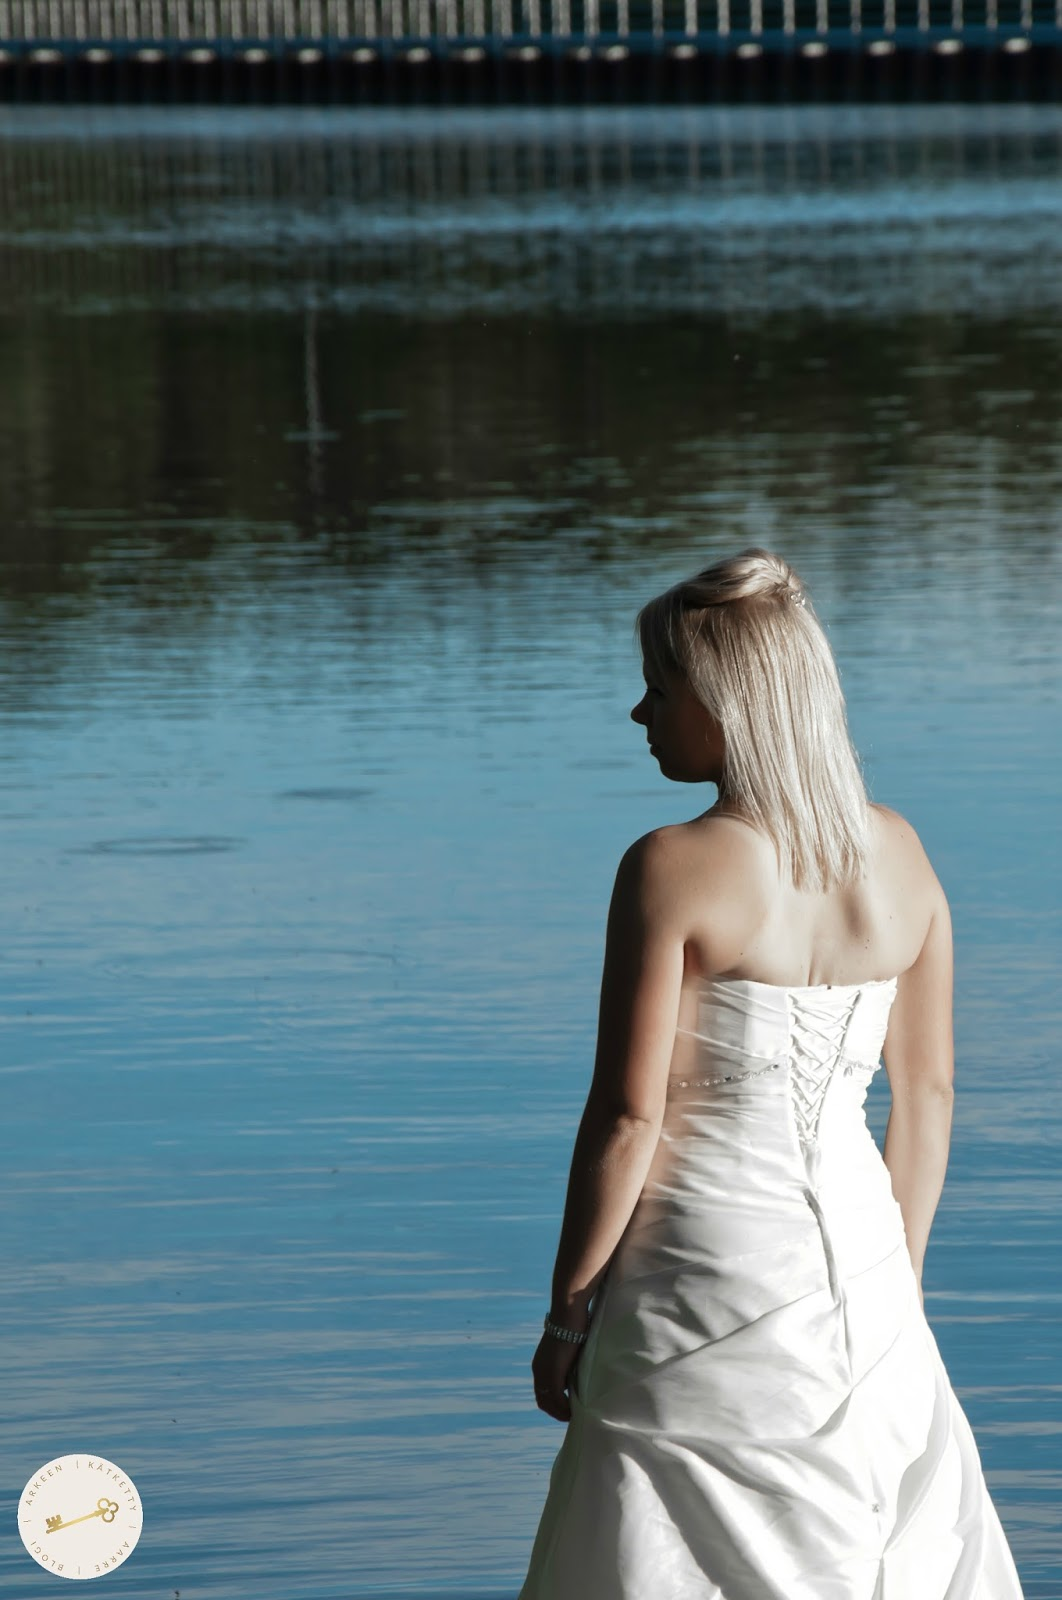 Jos elämässä on tärkeintä olla onnellinen, niin mitä tapahtuu parisuhteelle, kun et ole onnellinen? Täytyykö erota?